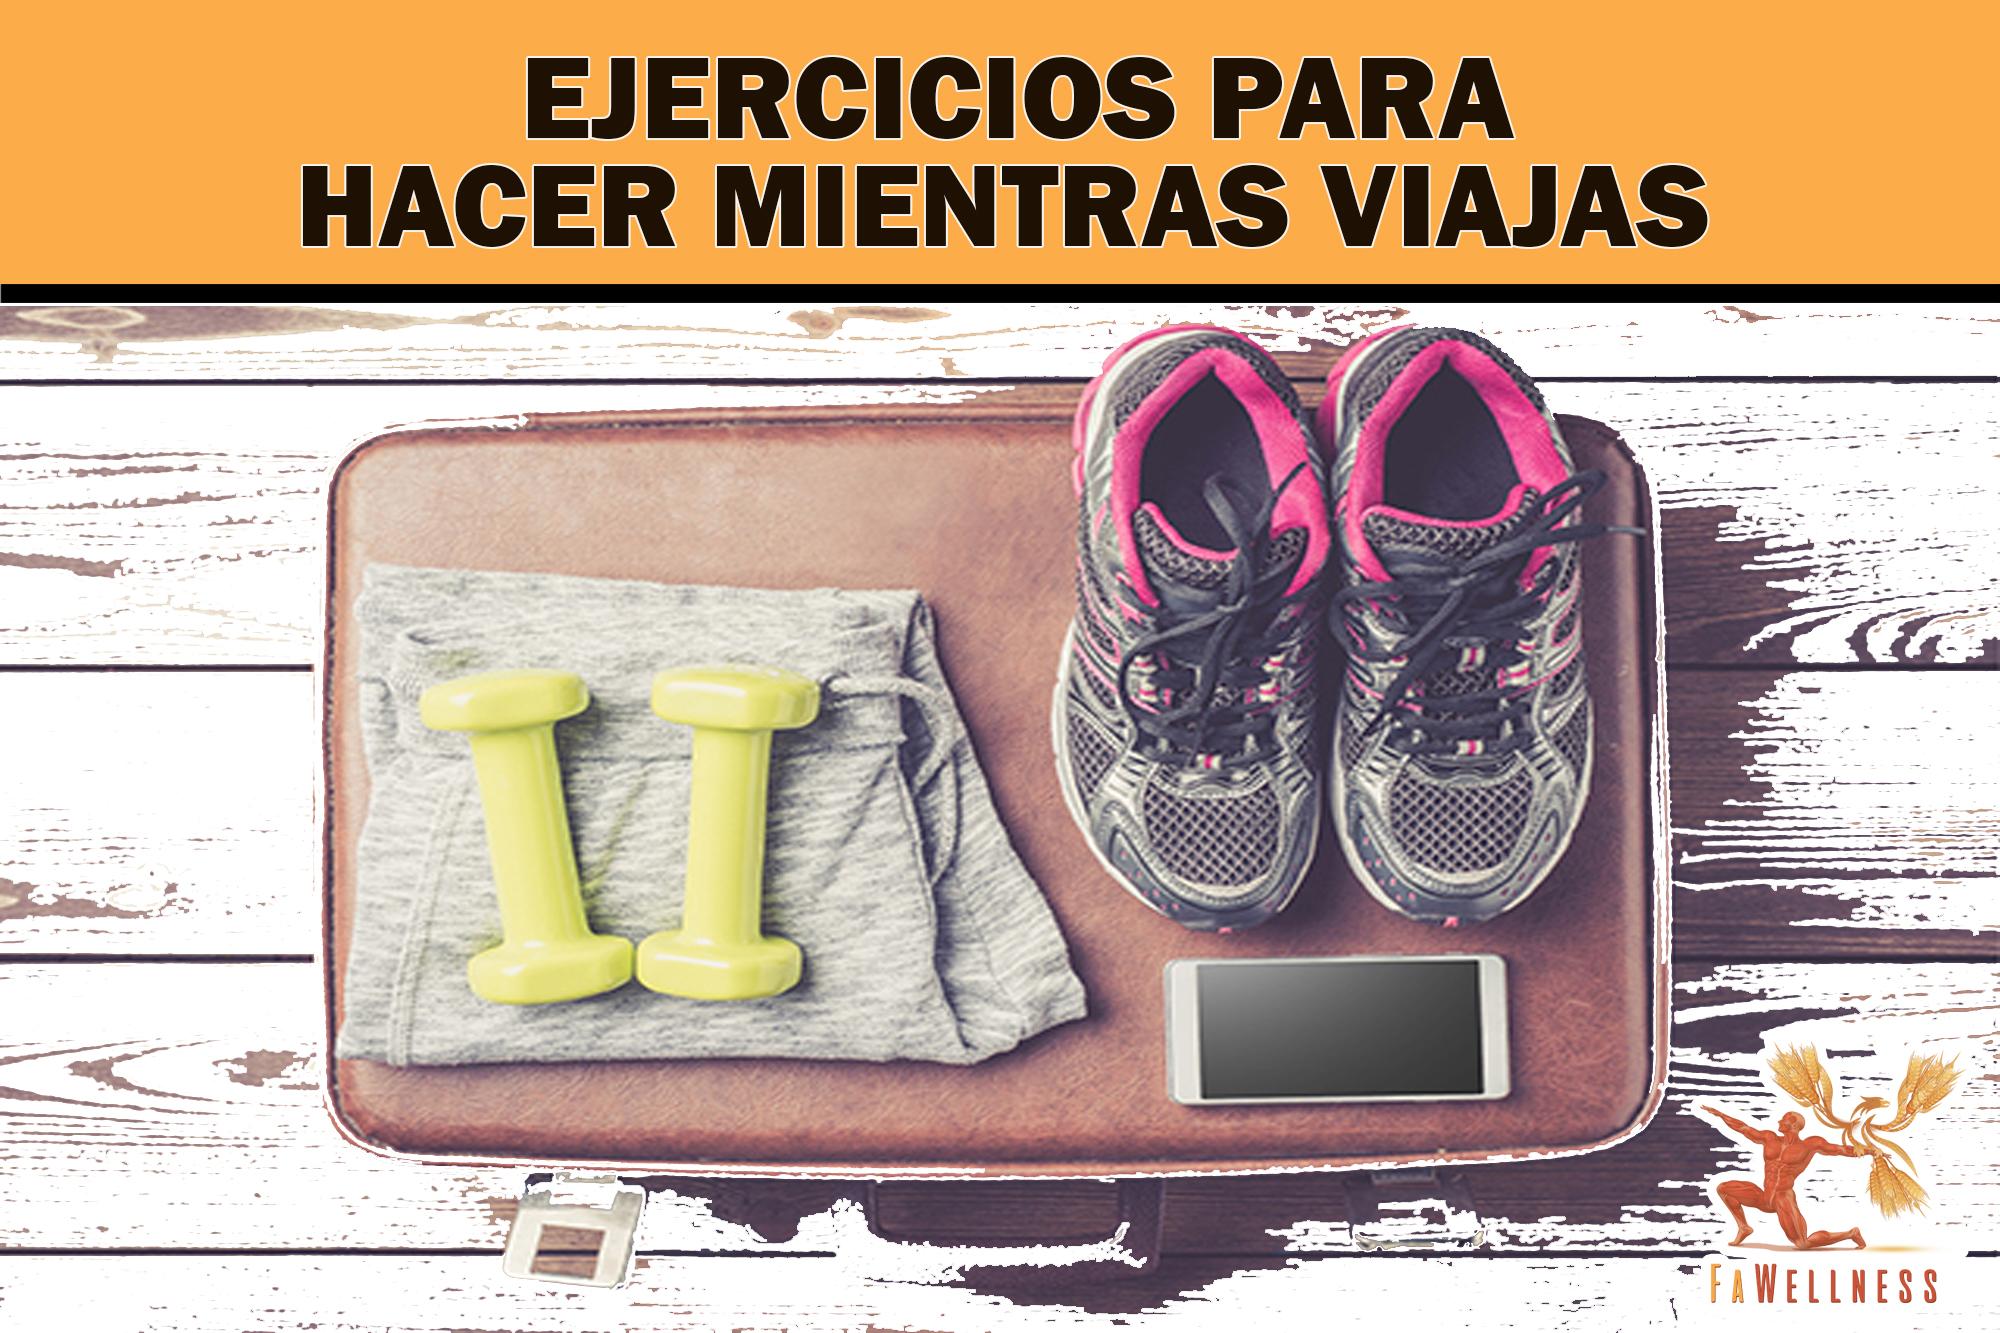 imagen blog FaWellness   EJERCICIOS PARA HACER MIENTRAS VIAJAS